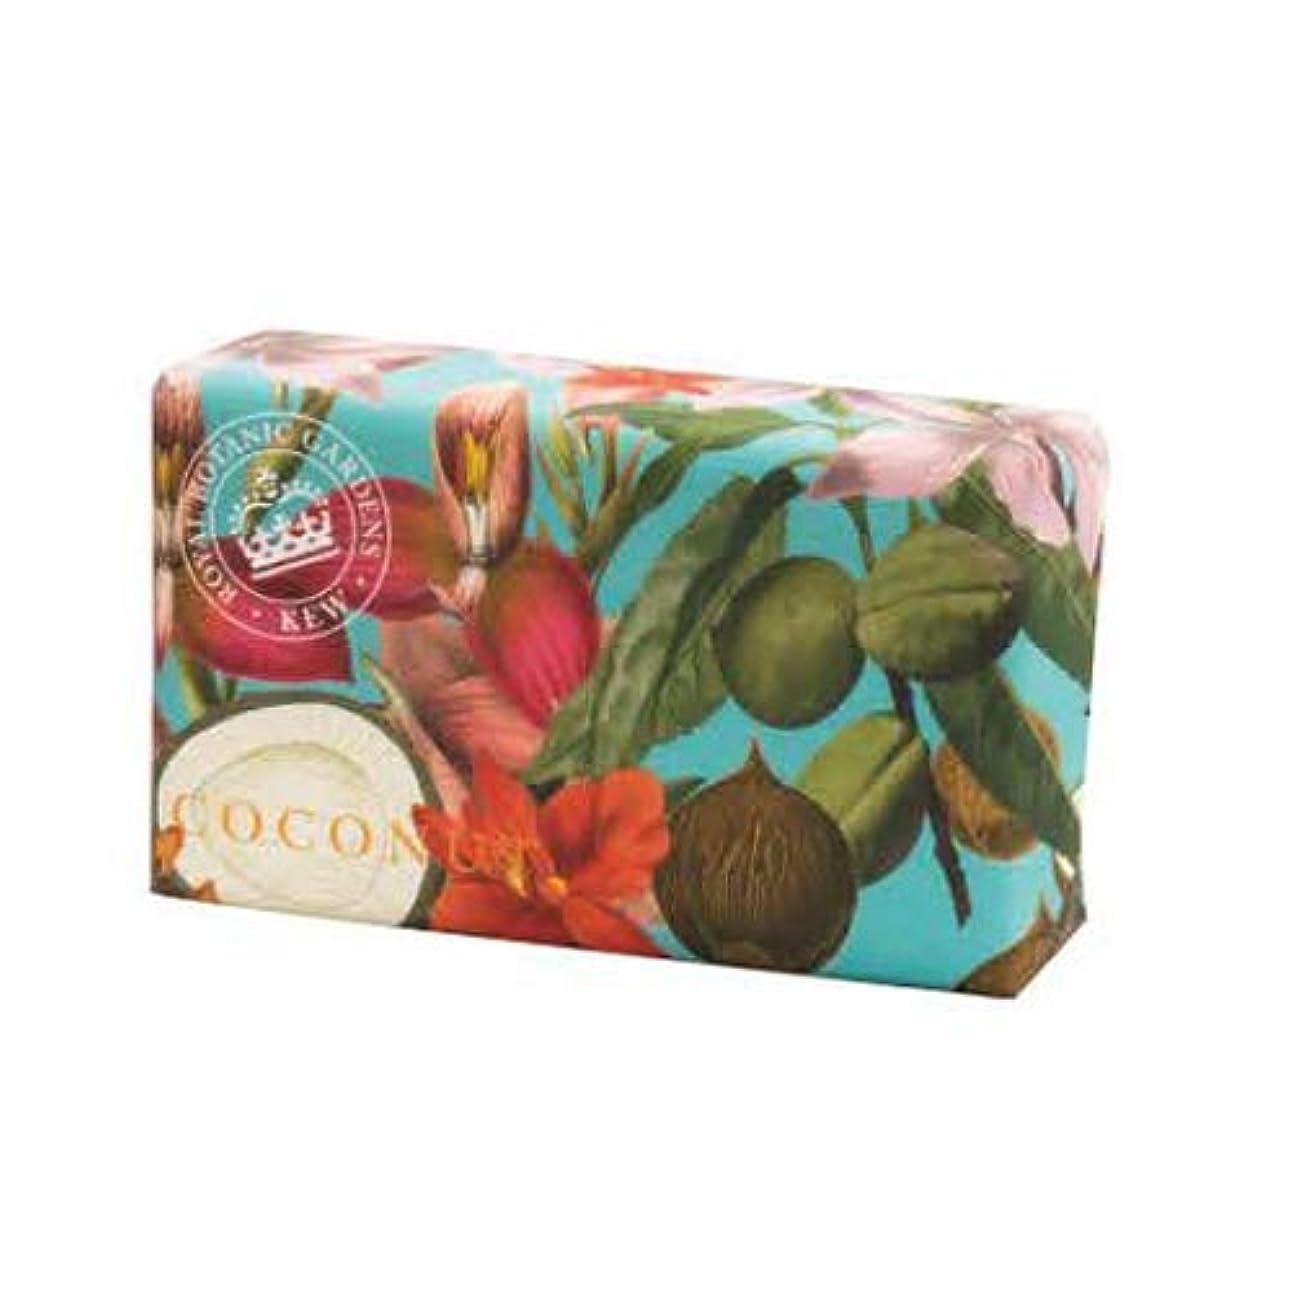 ぶら下がる赤ちゃん可愛いEnglish Soap Company イングリッシュソープカンパニー KEW GARDEN キュー?ガーデン Luxury Shea Soaps シアソープ Coconut ココナッツ